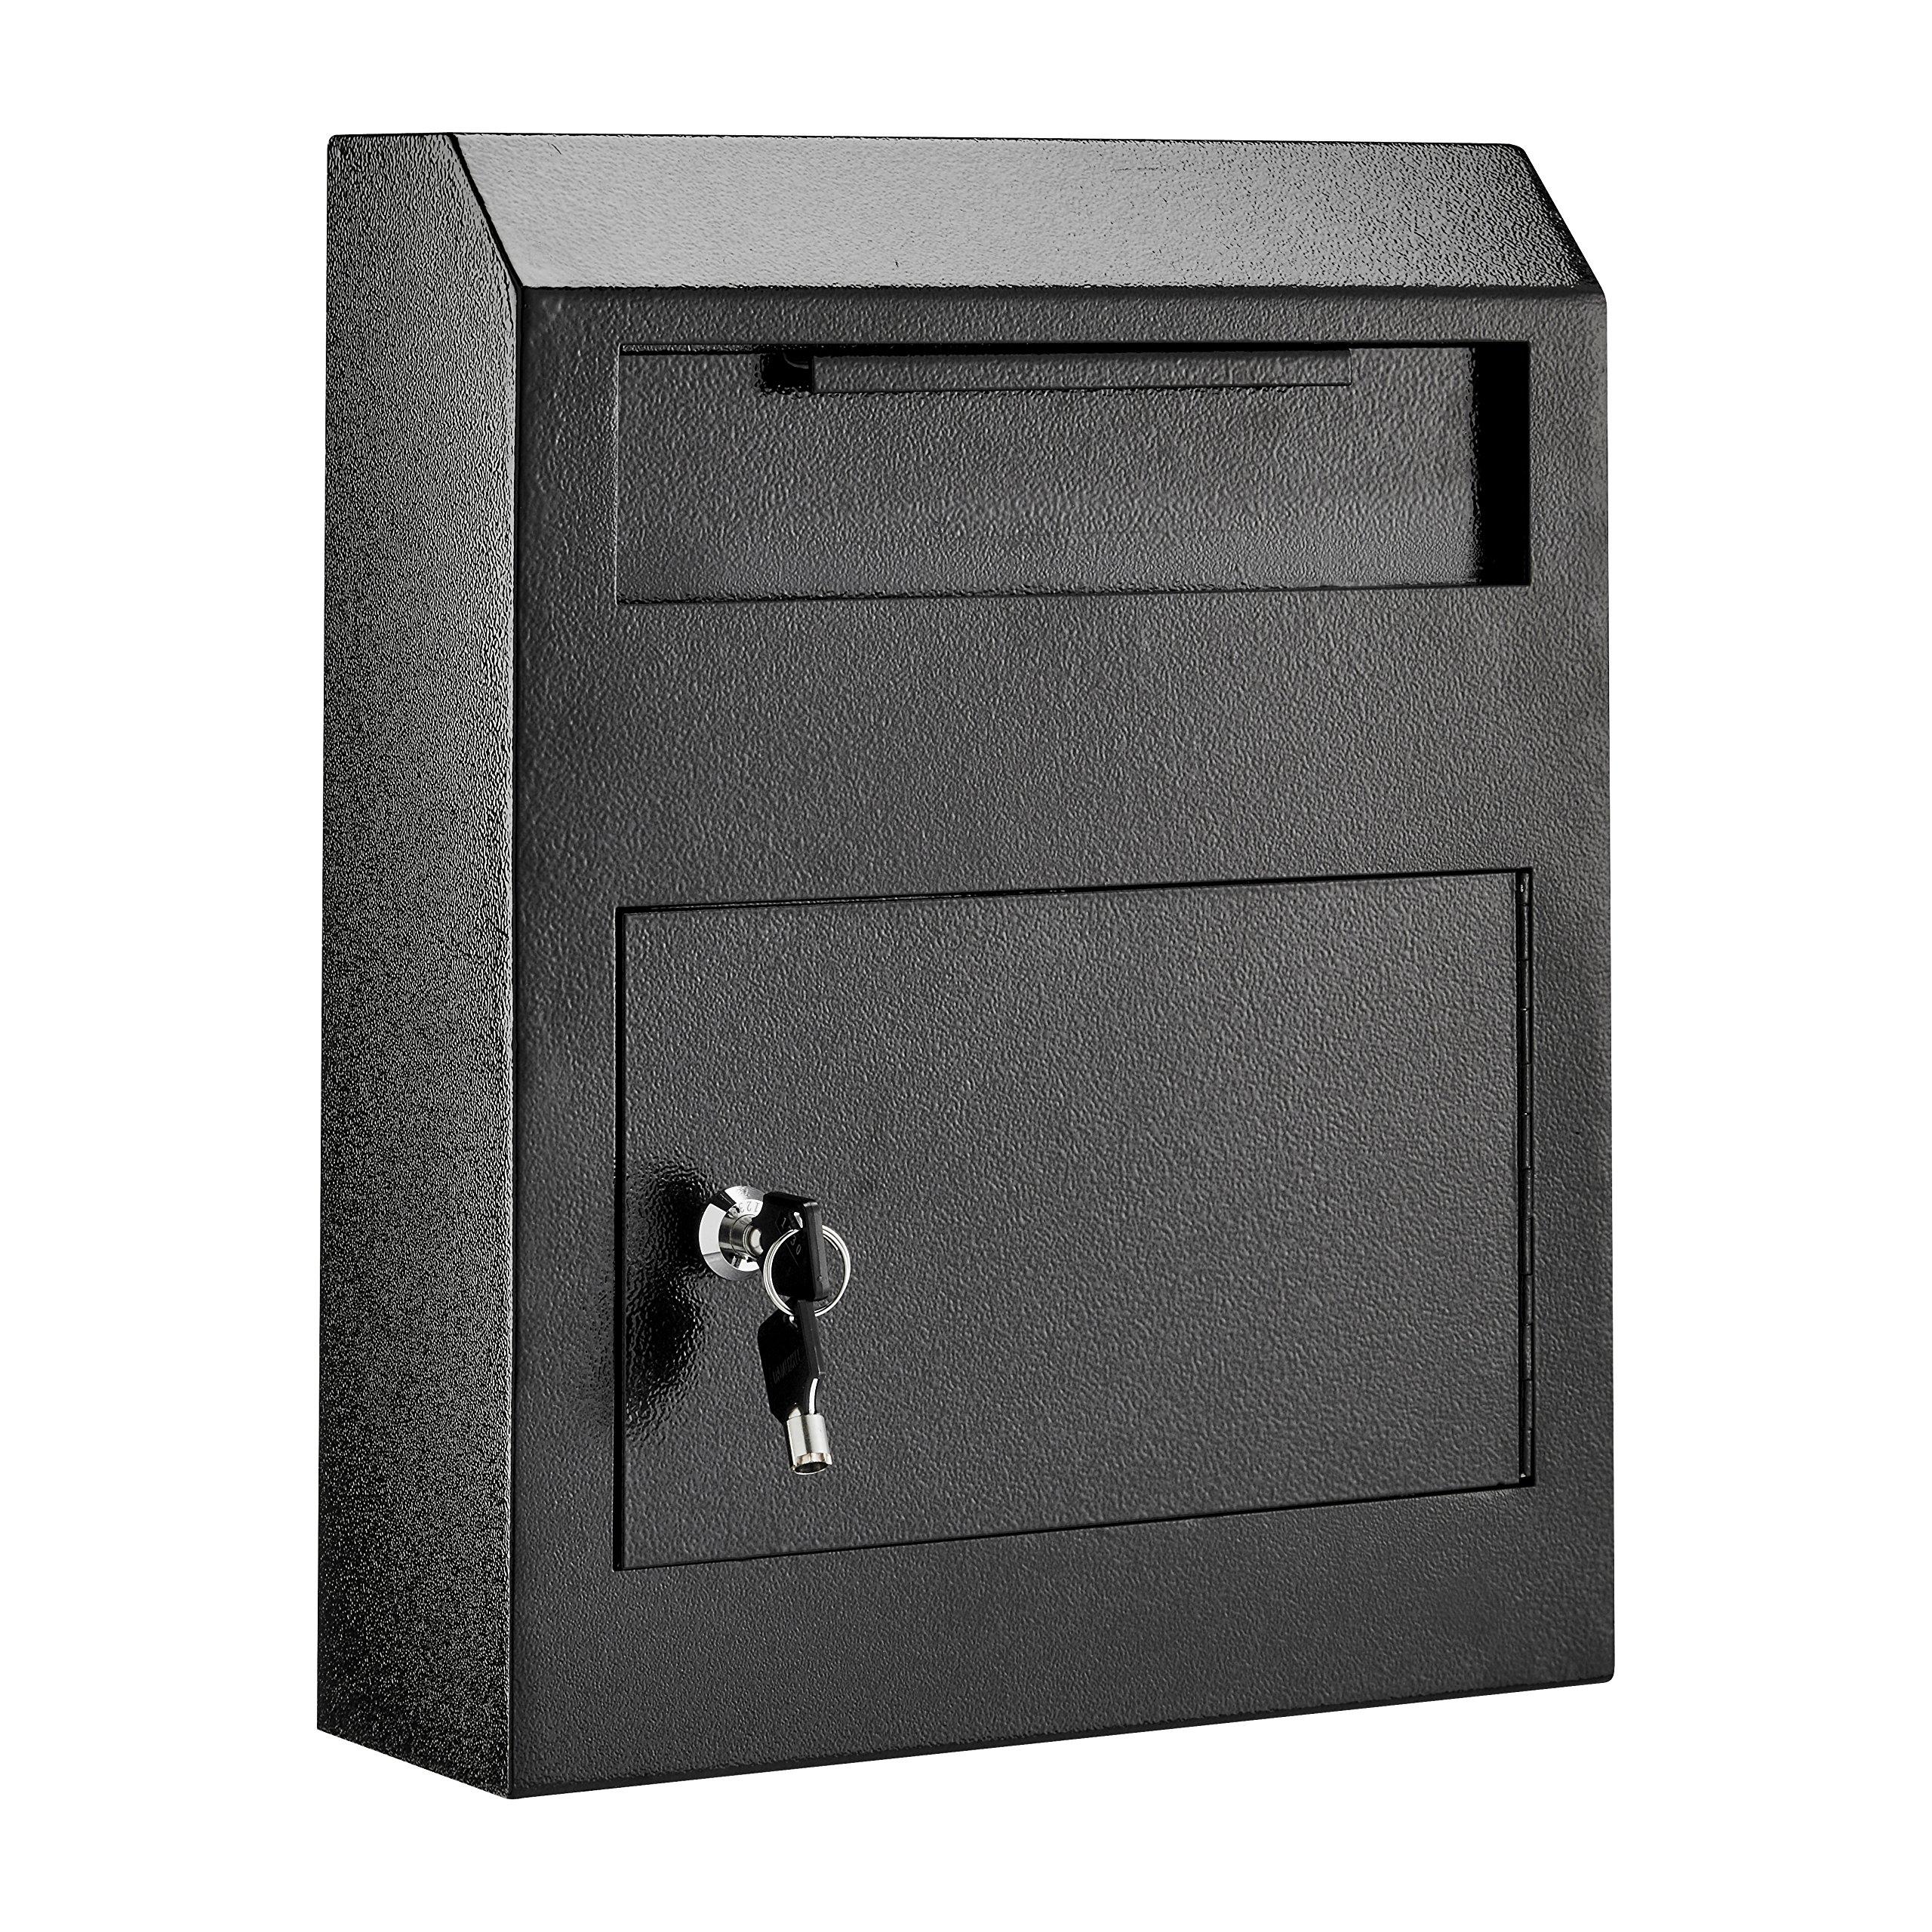 AdirOffice Heavy Duty Secured Safe Drop Box (Black)